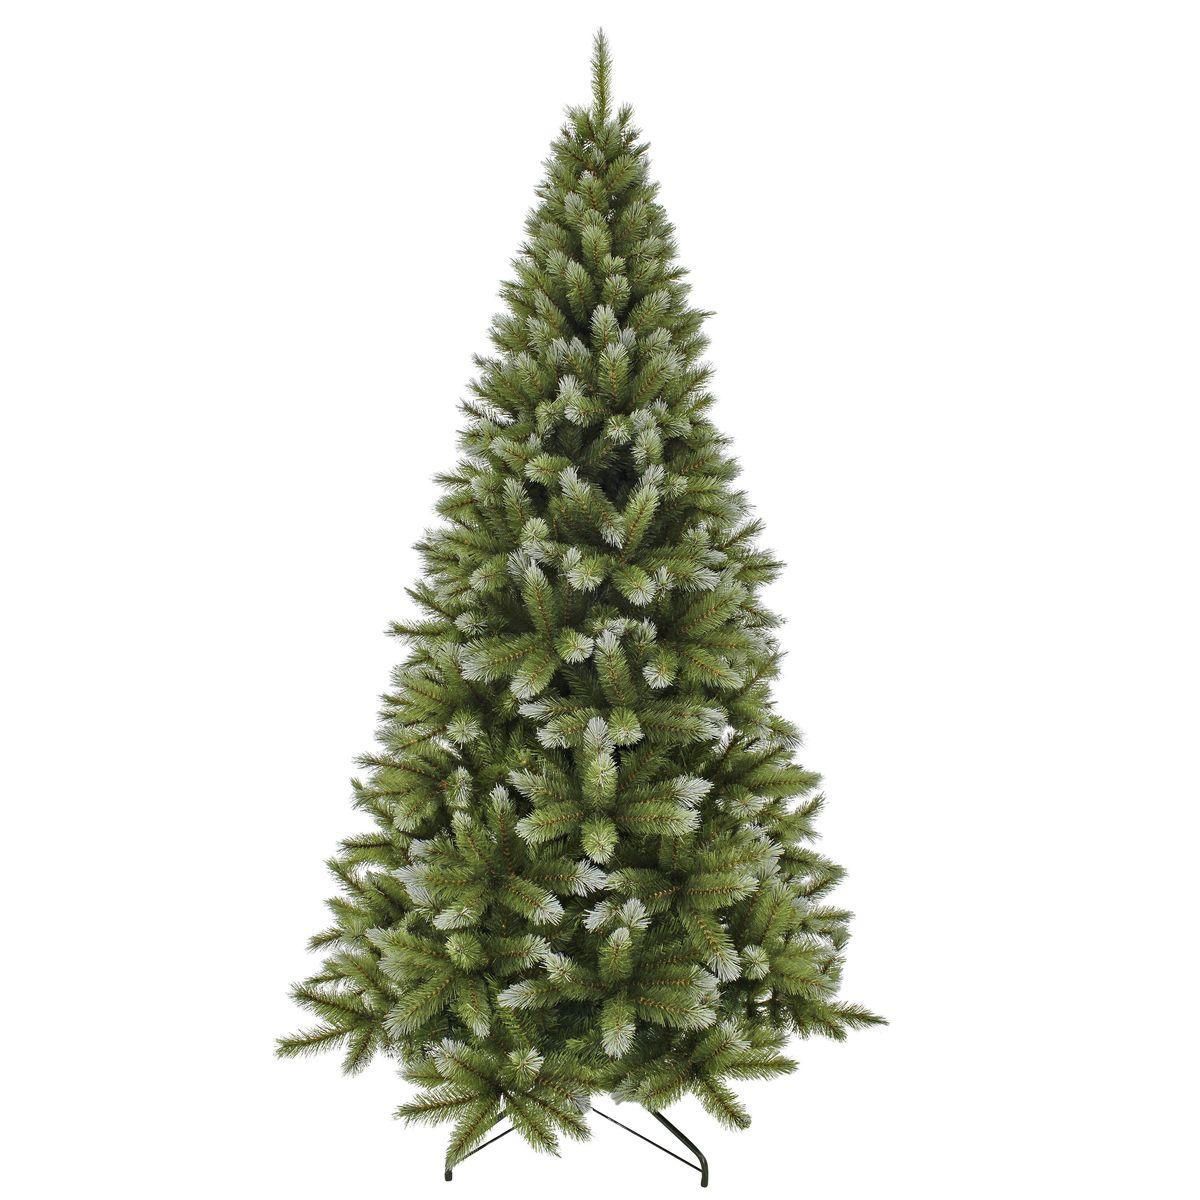 Ель искусственная Triumph Tree Женева, цвет: зеленый, высота 120 смHJT09-180 PVC+PEИскусственная ель Triumph Tree «Женева», выполненная из ПВХ, станет прекрасным вариантом для оформления вашего интерьера к Новому году. Такая ель абсолютно безопасна для самых непоседливых малышей, удобна в сборке и не занимает много места при хранении. Она быстро и легко устанавливается и имеет естественный и абсолютно натуральный вид. Еловые иголочки не осыпаются, не мнутся и не выцветают со временем. Полимерные материалы, из которых они изготовлены, не токсичны и не поддаются горению. Ель Triumph Tree «Женева» обязательно создаст настроение волшебства и уюта, а так же станет прекрасным украшением дома на период новогодних праздников.Высота: 120 см.